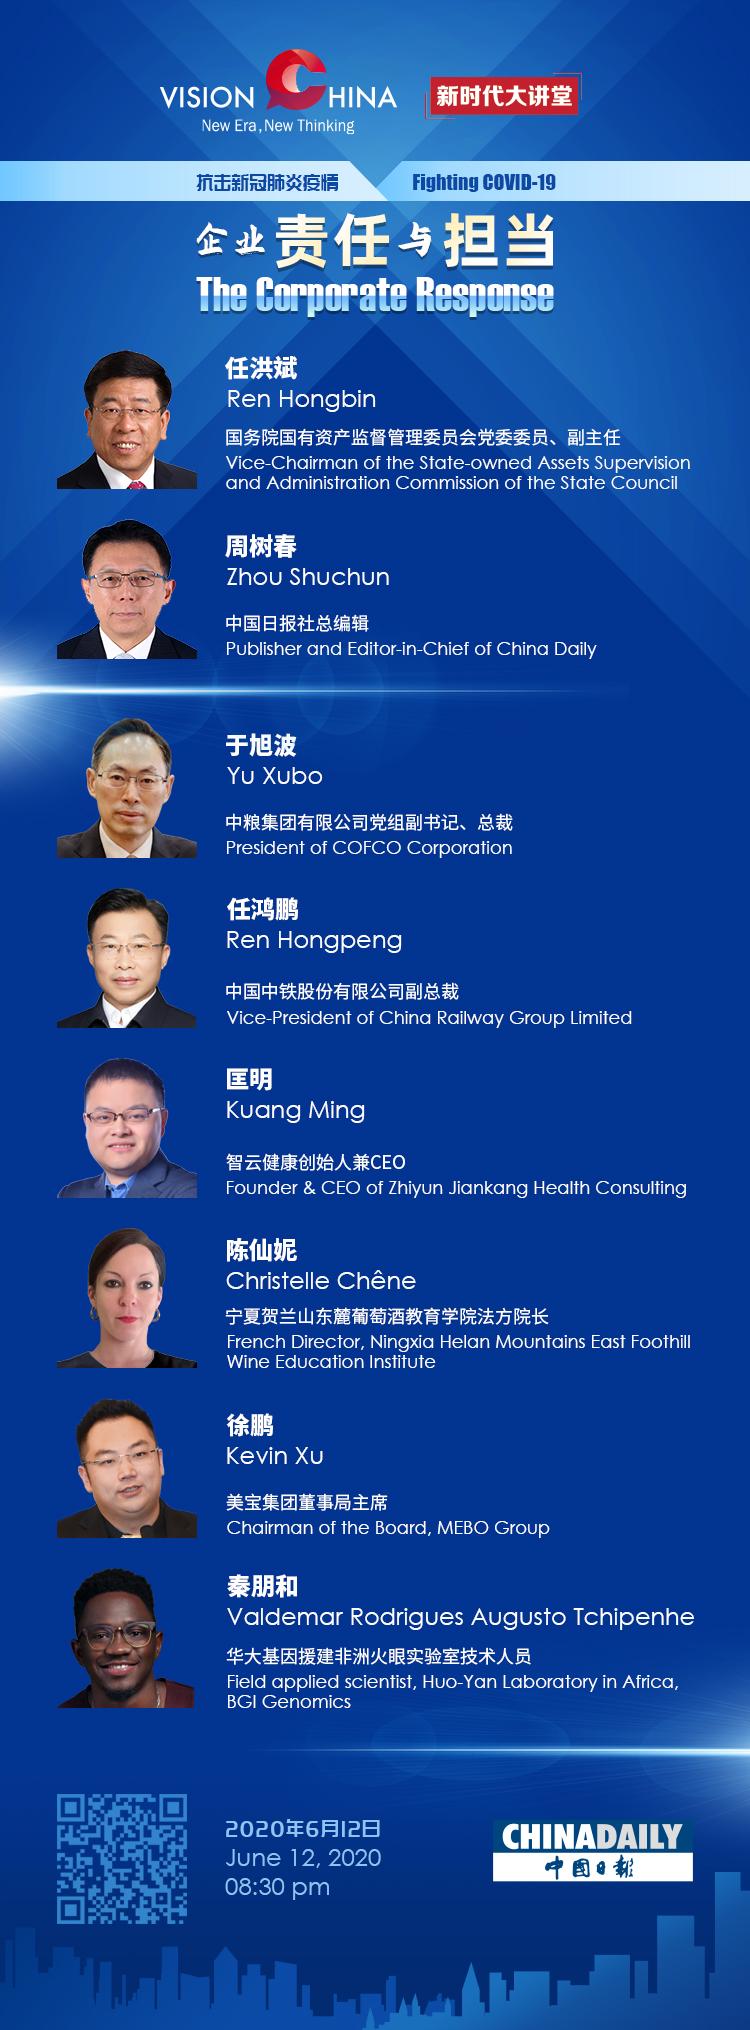 """中国日报社""""新时代大讲堂""""聚焦全球抗疫中的企业担当"""